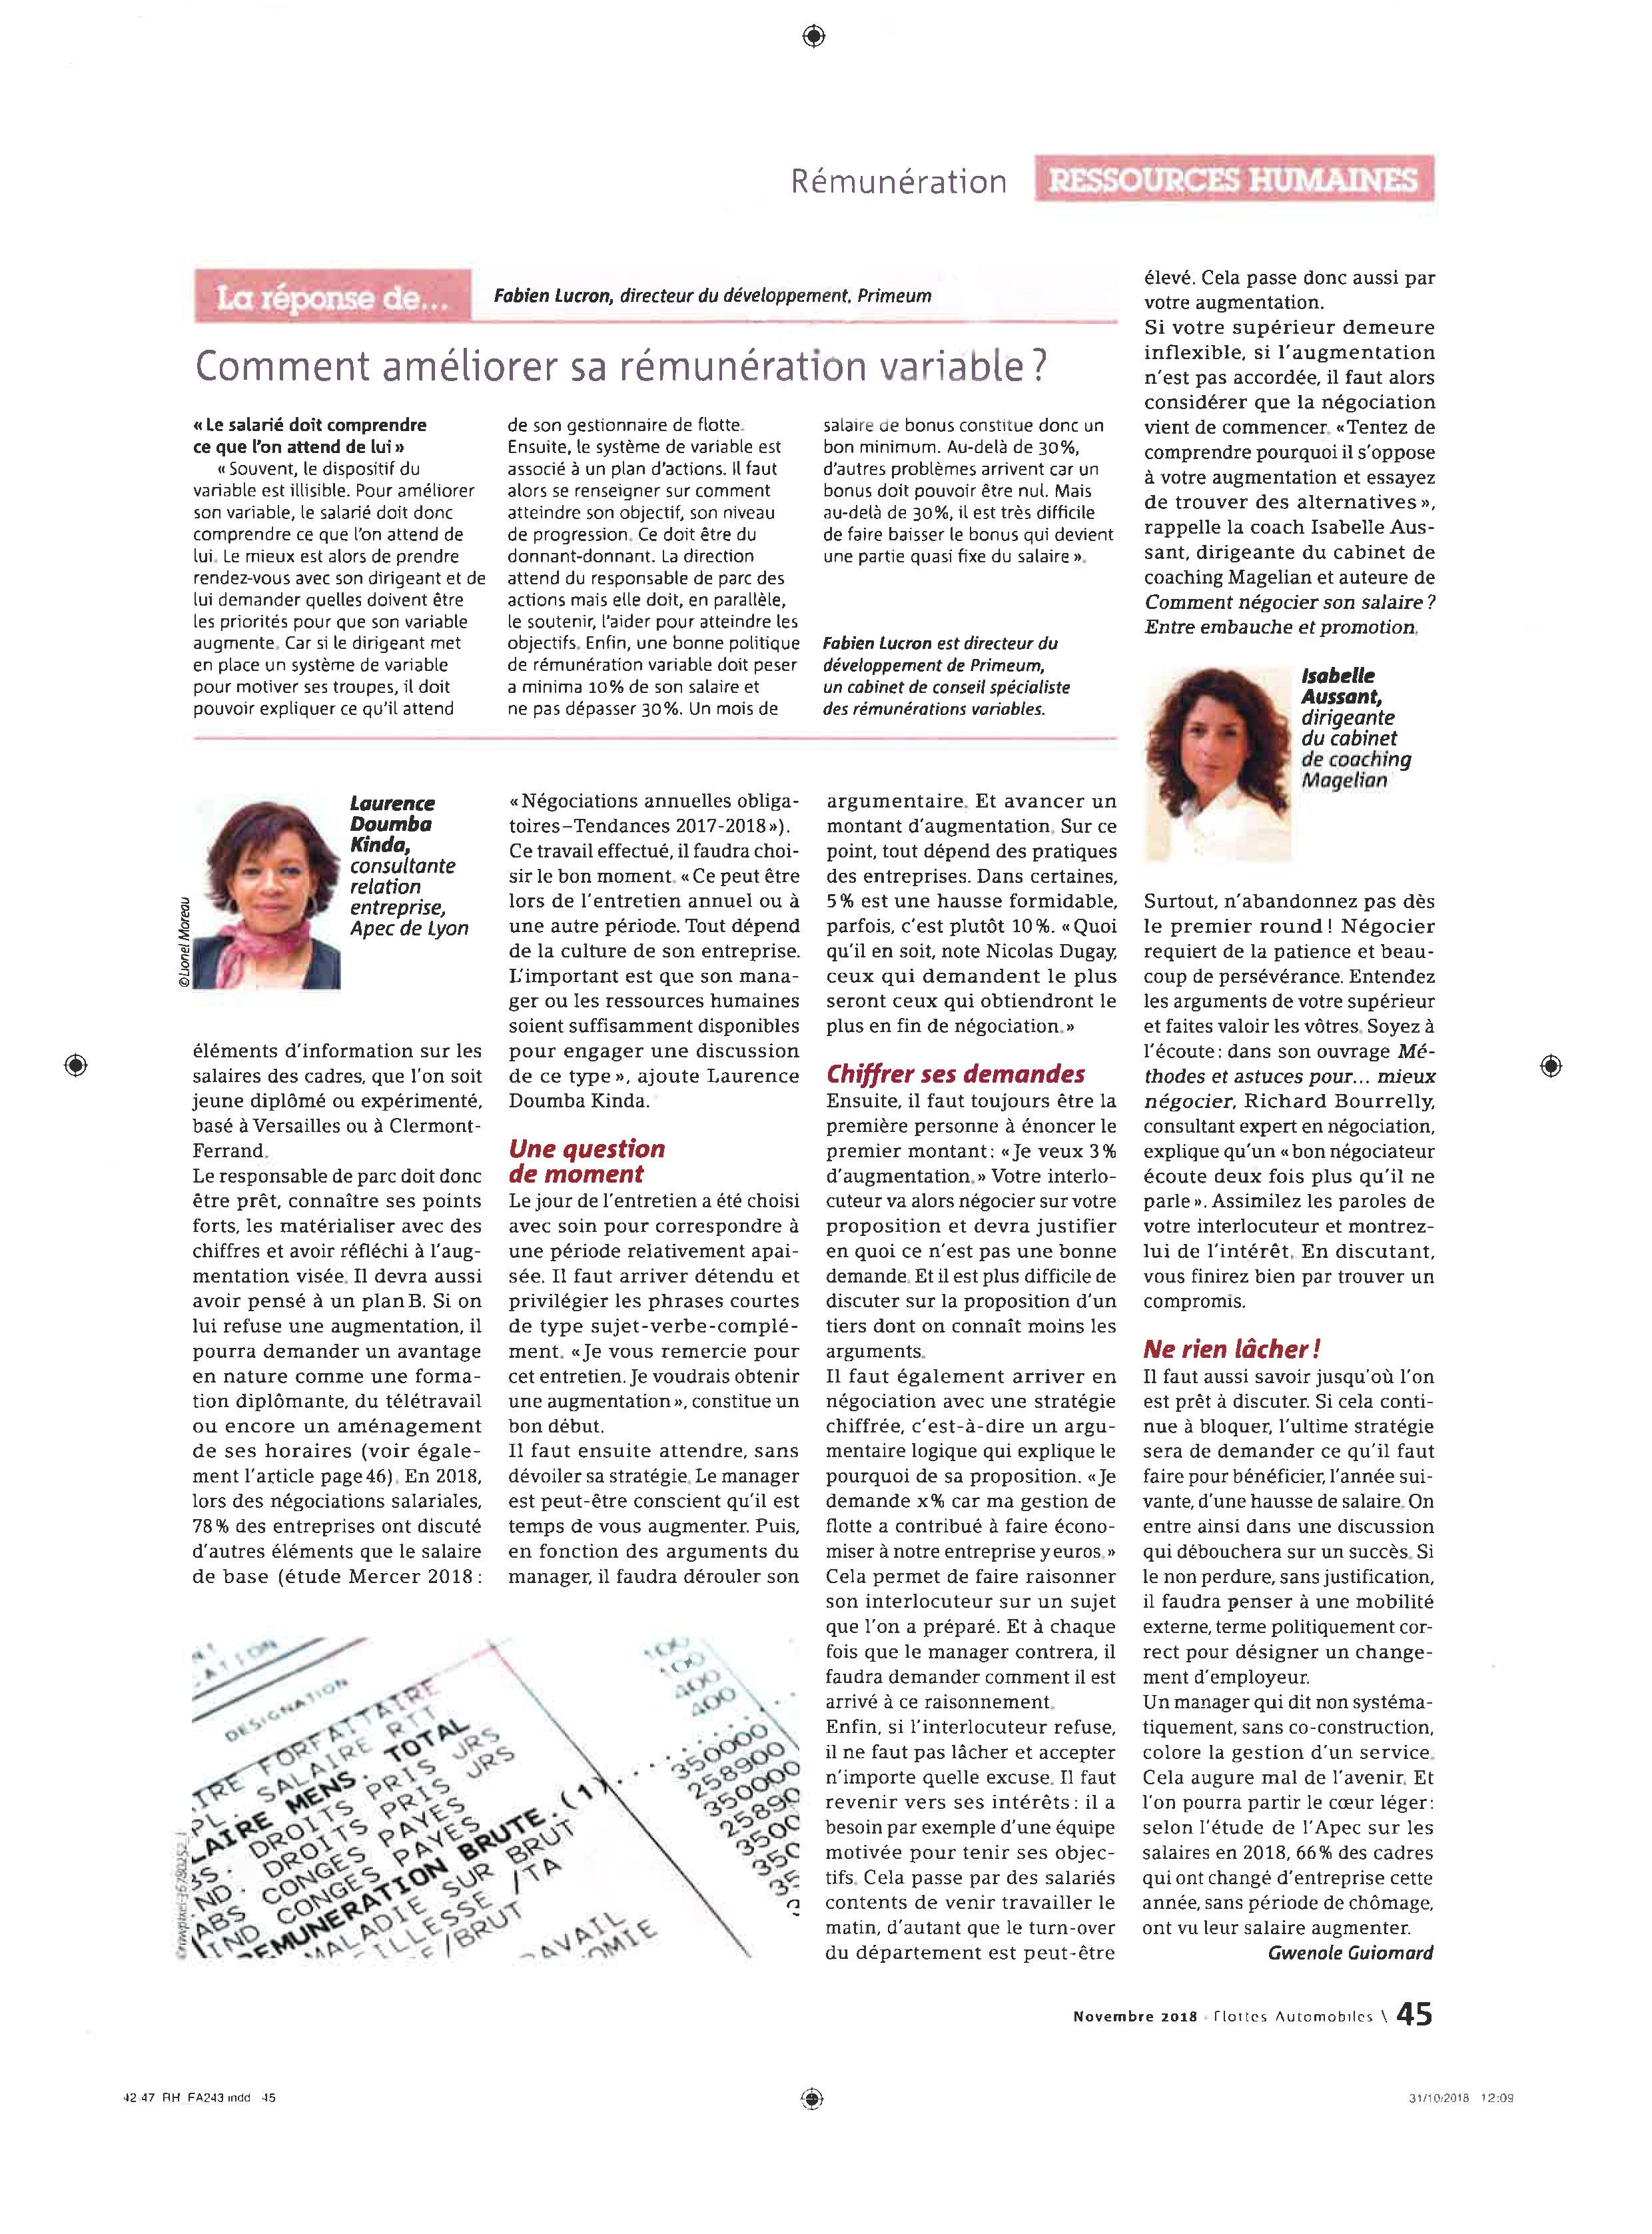 Article-Flottes-Automobiles-1